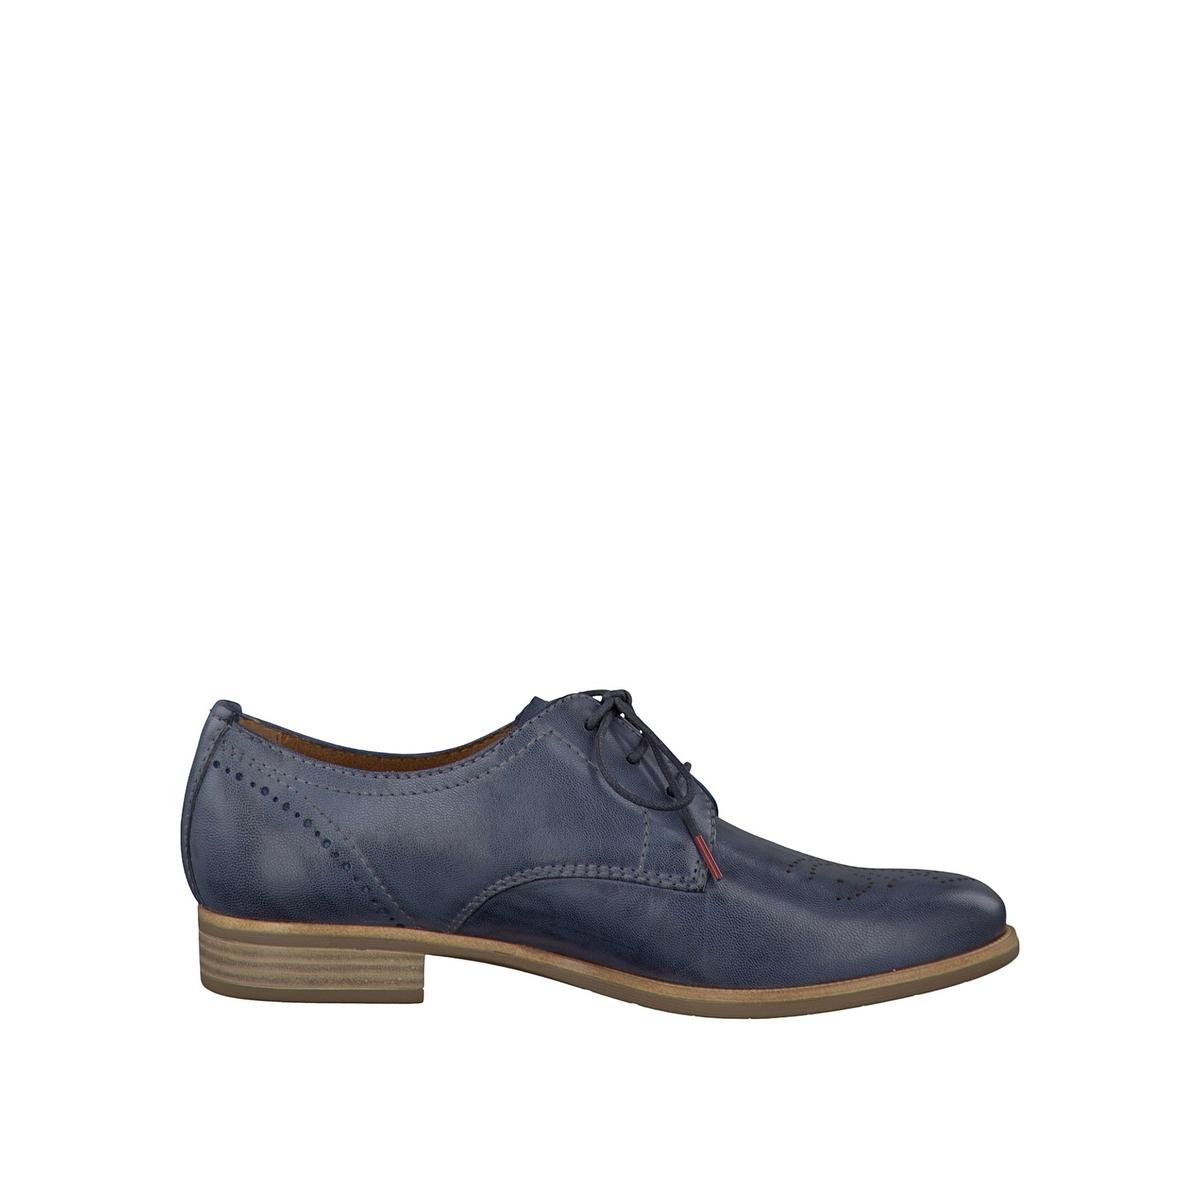 Ботинки-дерби кожаные 23206-28